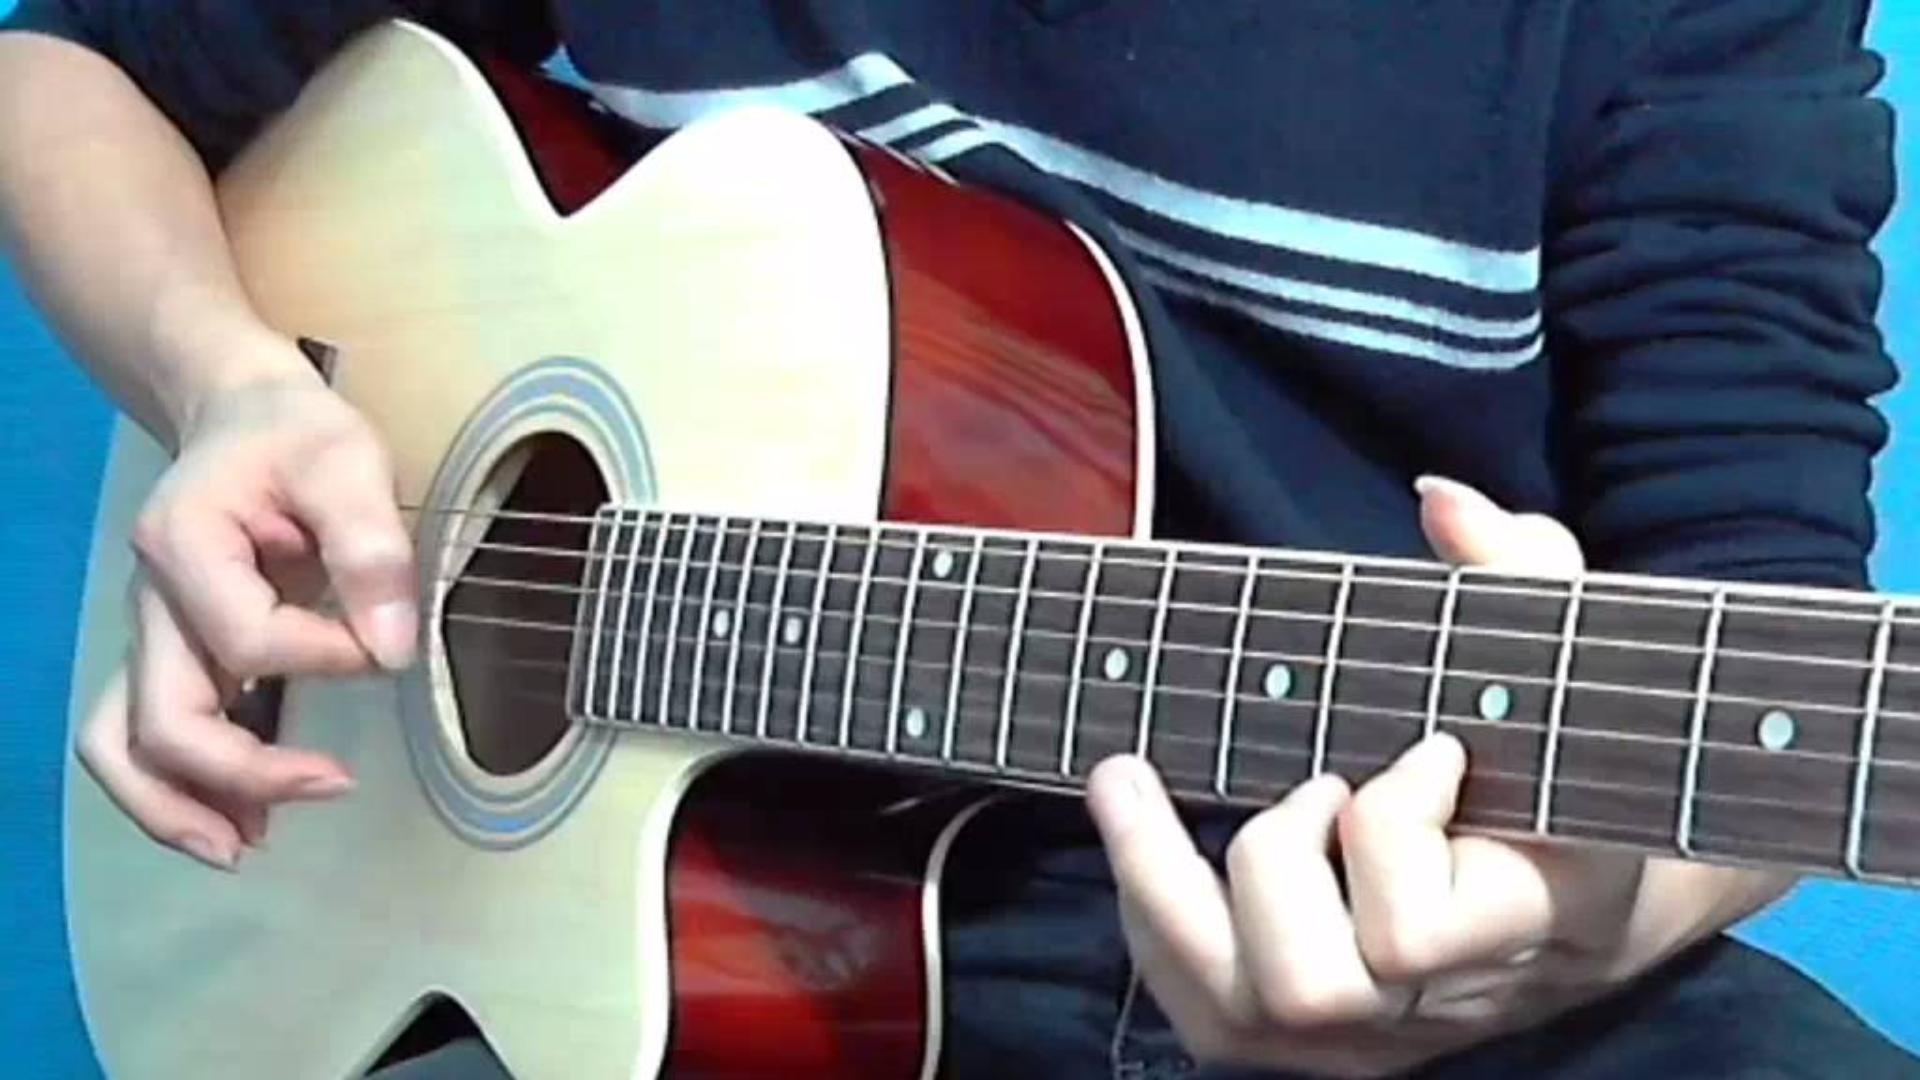 第84课吉他教学讲解,周笔畅成名曲《笔记》的弹唱部分